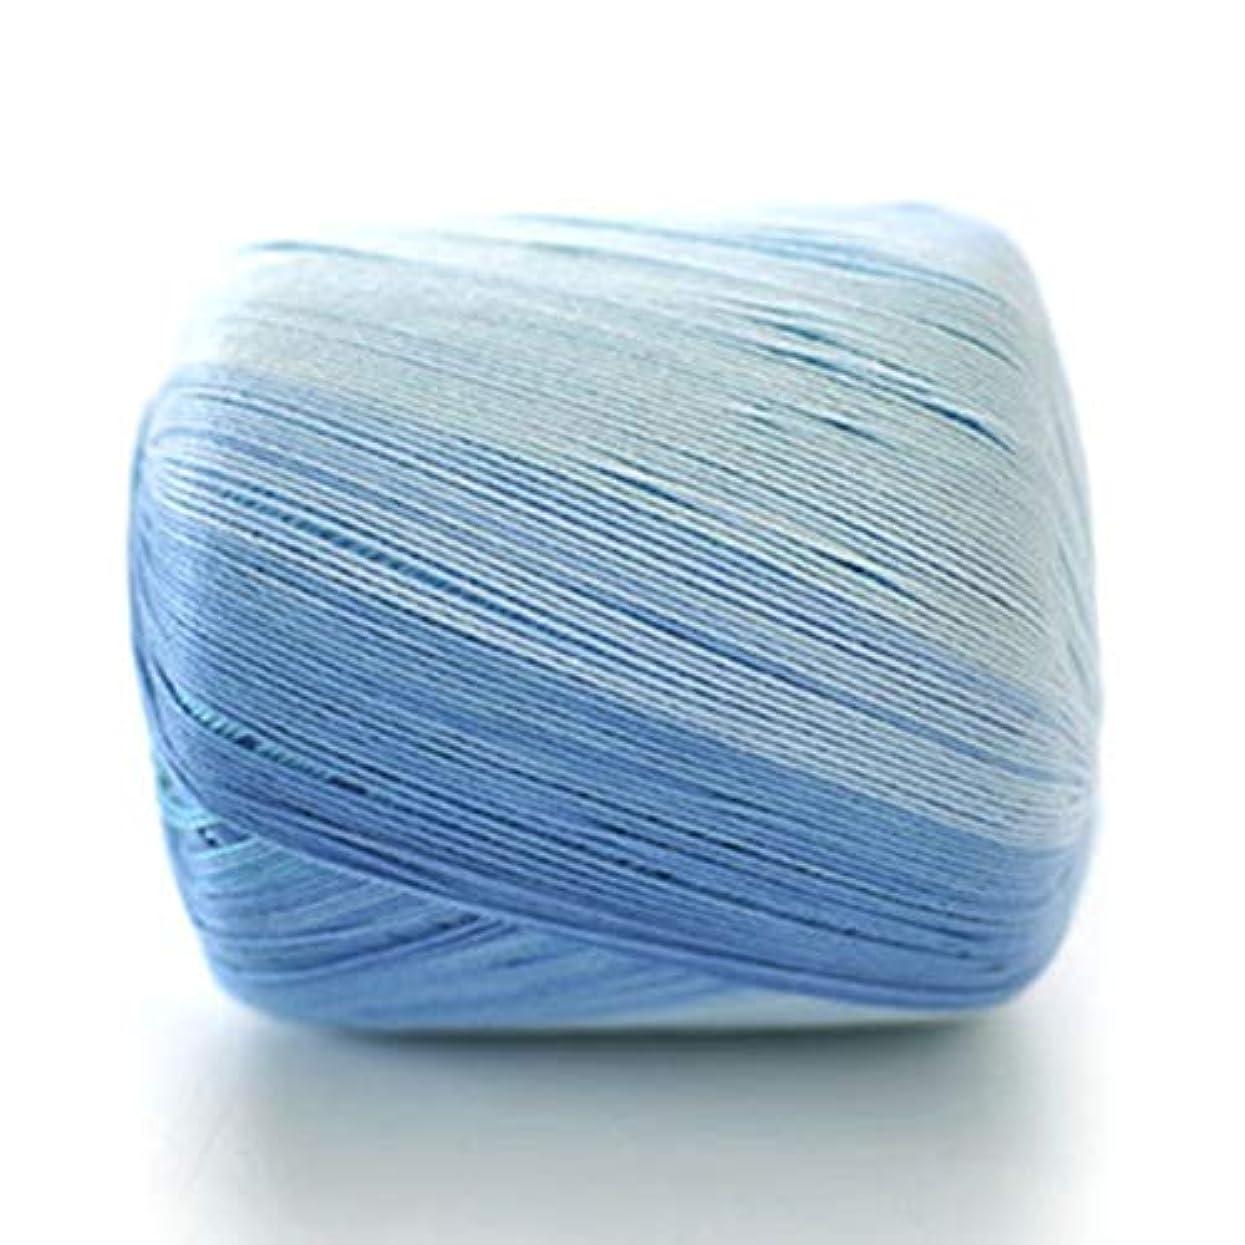 四面体ぴかぴかアーティストSaikogoods 手作りかぎ針編みのフック糸 色付け レース糸 5号ピュアコットン ファインニットウール ソフト滑らかな 縫製ライン 青